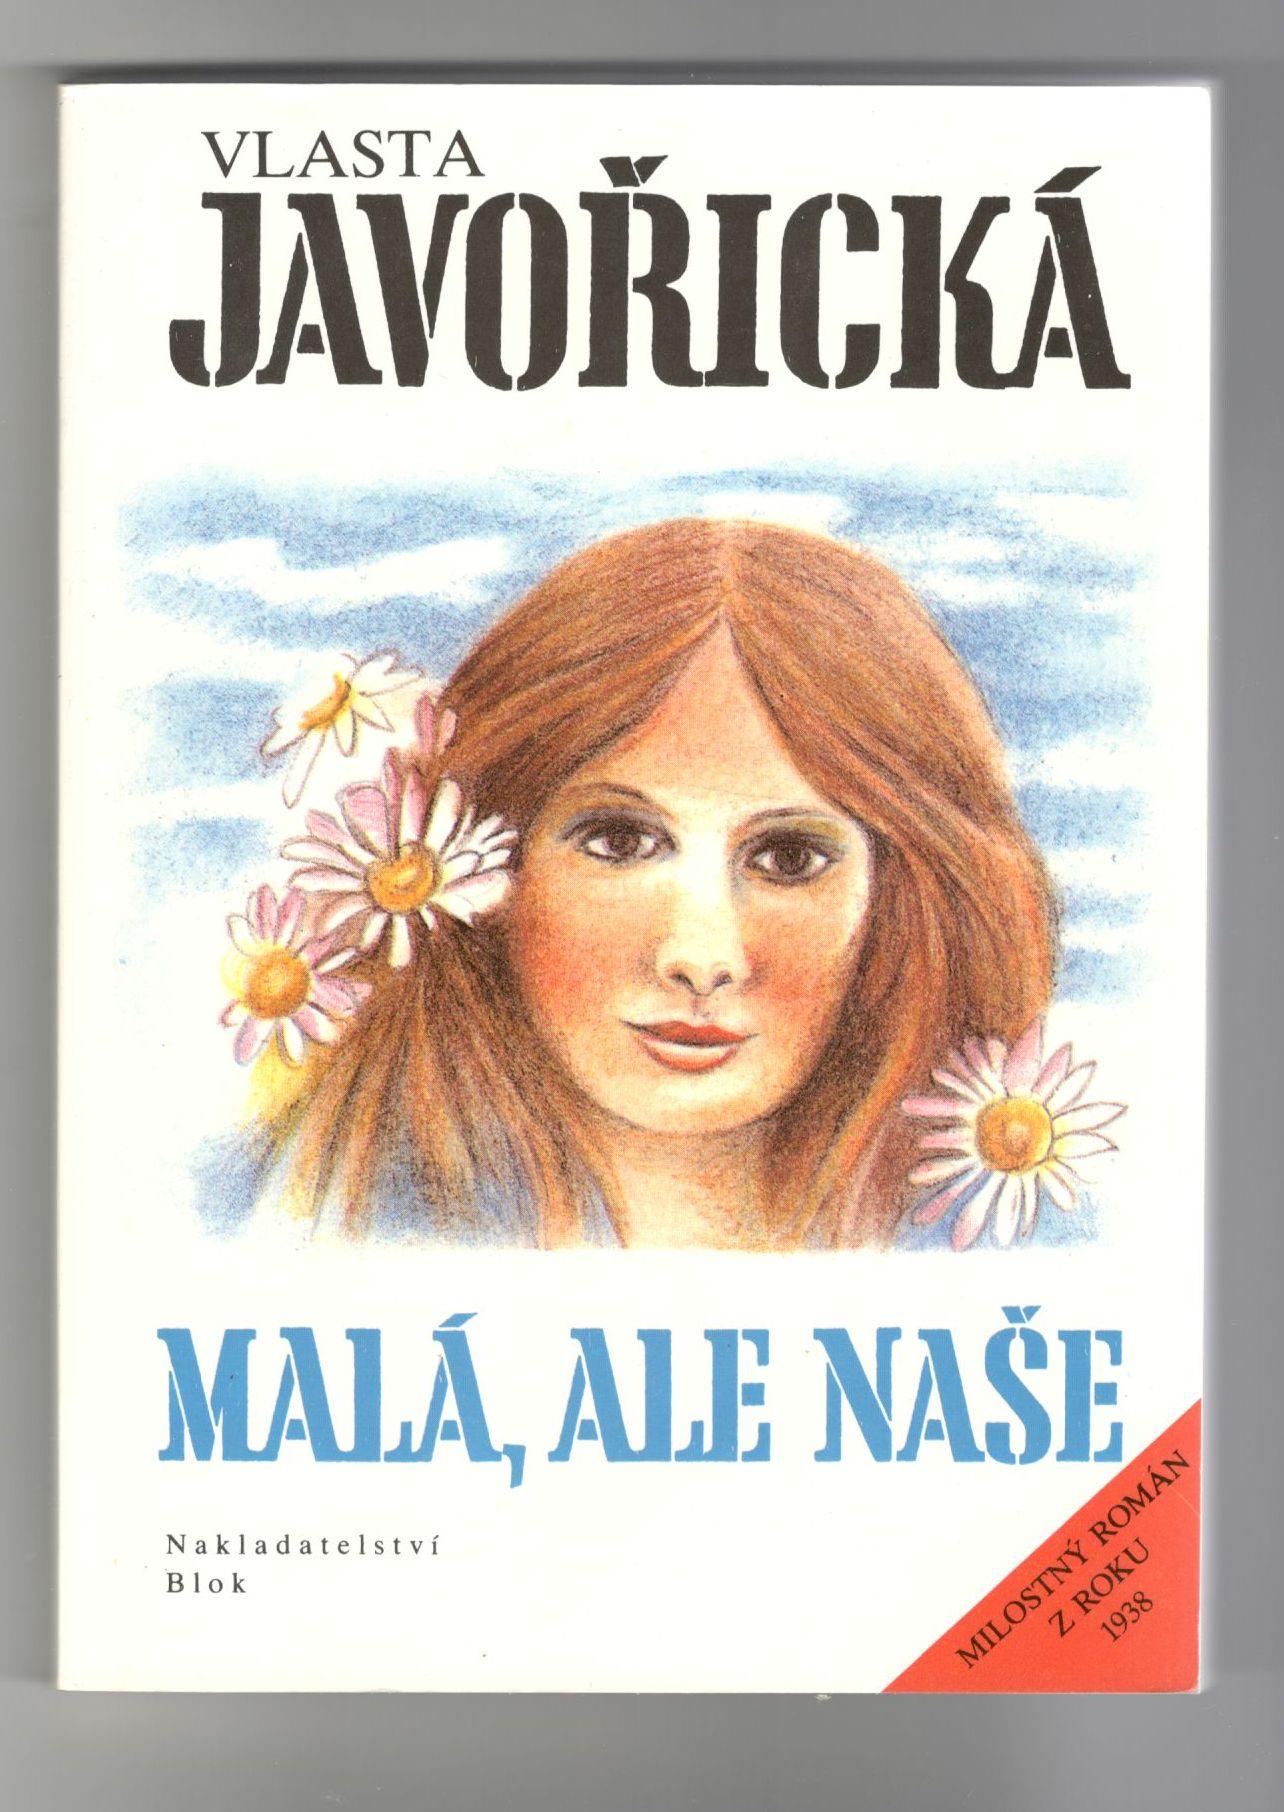 Malá, ale naše - Vlasta Javořická (Milostný román z roku 1938)